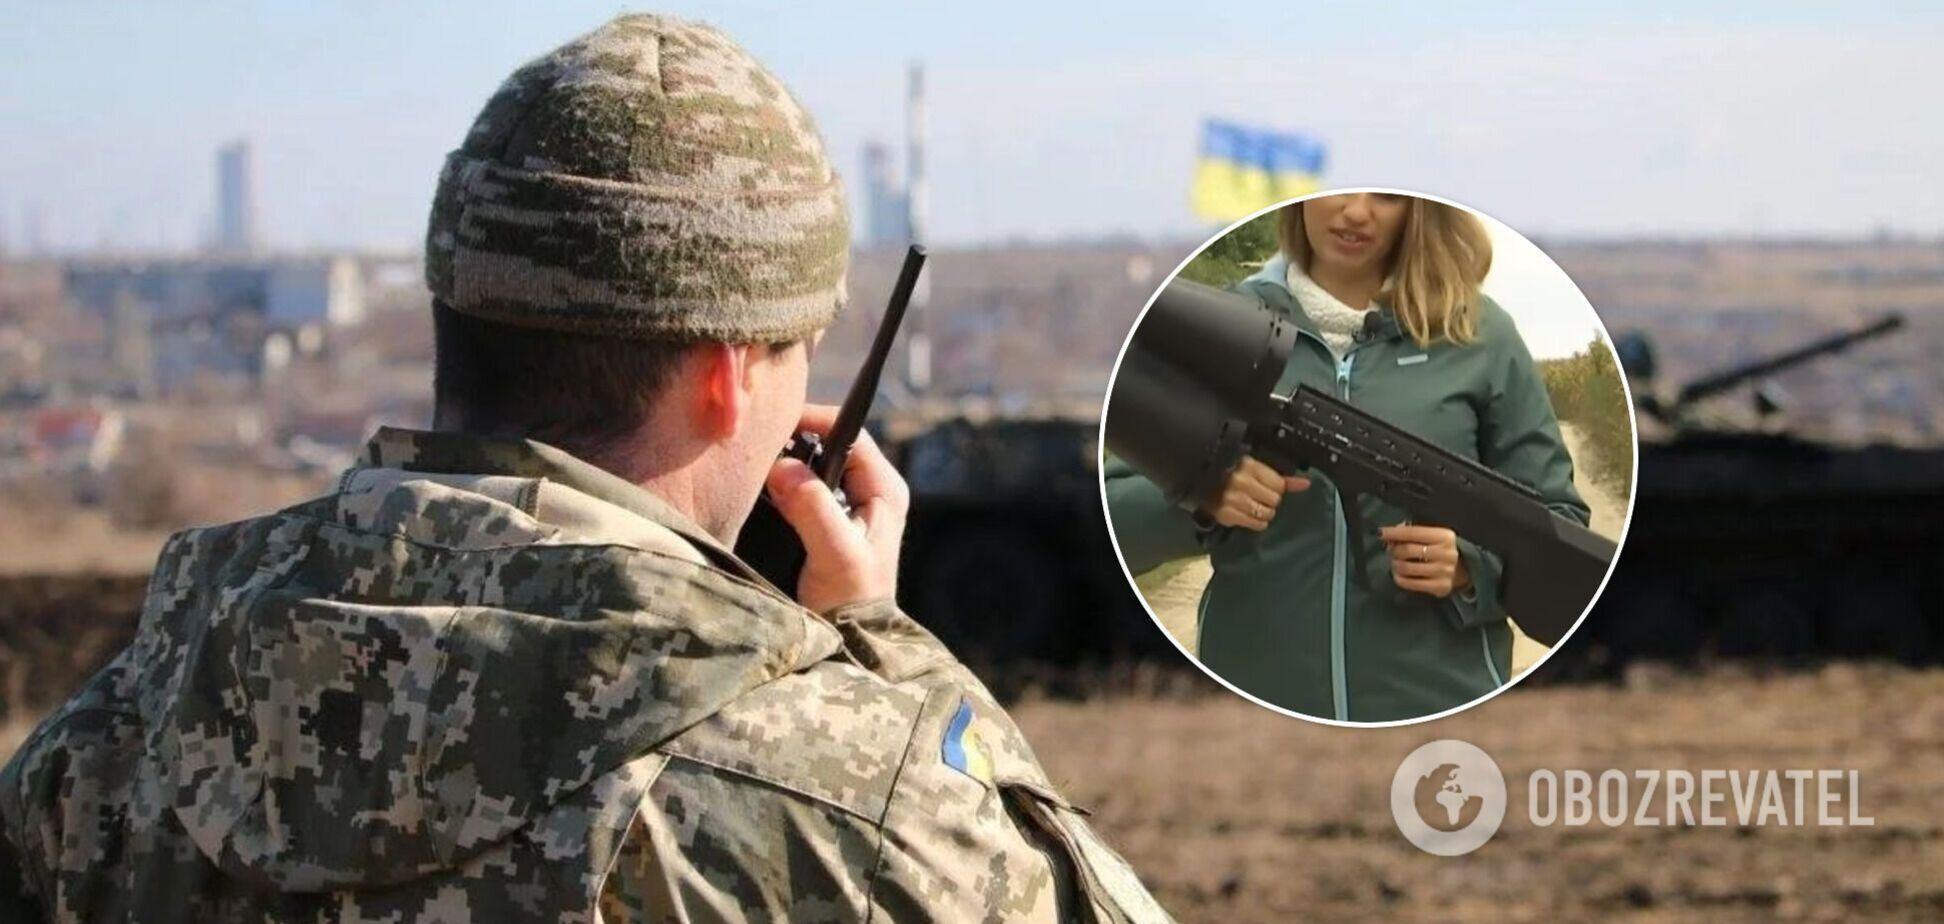 Паралізують ворожі БПЛА: військові ООС отримали антидронні гвинтівки. Відео